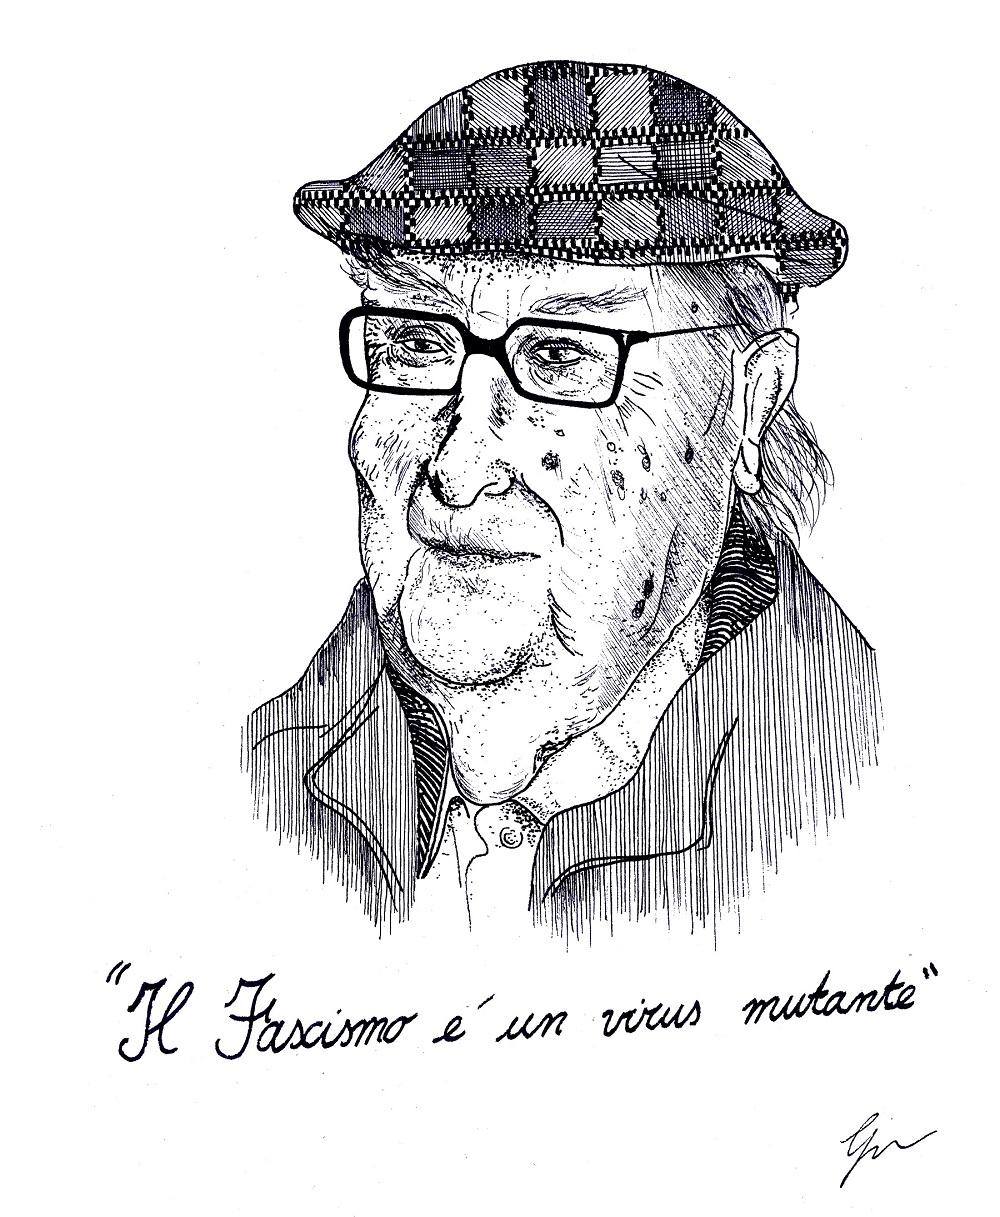 """il disegno di Gabriele Artusio in bianco e nero ritrae lo scrittore Andrea Camilleri con gli occhiali e un cappello e sotto la scritta """"Il fascismo è un virus mutante"""""""